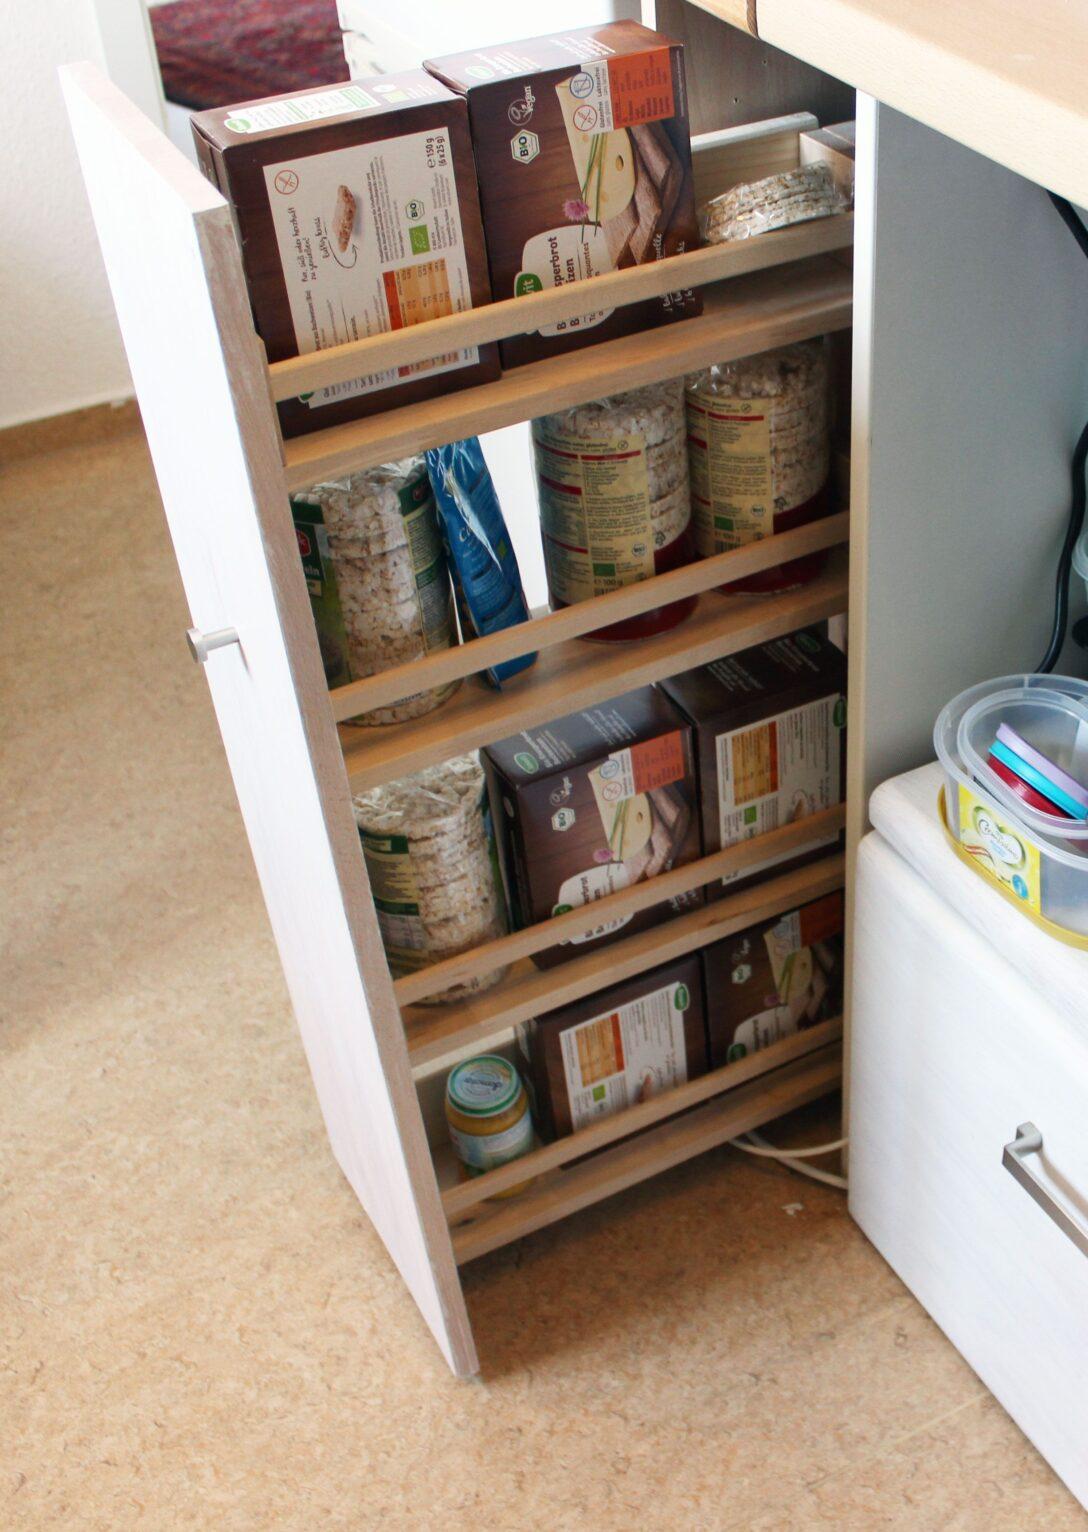 Large Size of Küche Selber Bauen Ikea Nischenregal Weiß Hochglanz Gebrauchte Einbauküche Oberschrank Mintgrün Bett 140x200 Landküche Nolte Mini Lampen Buche Winkel Wohnzimmer Küche Selber Bauen Ikea